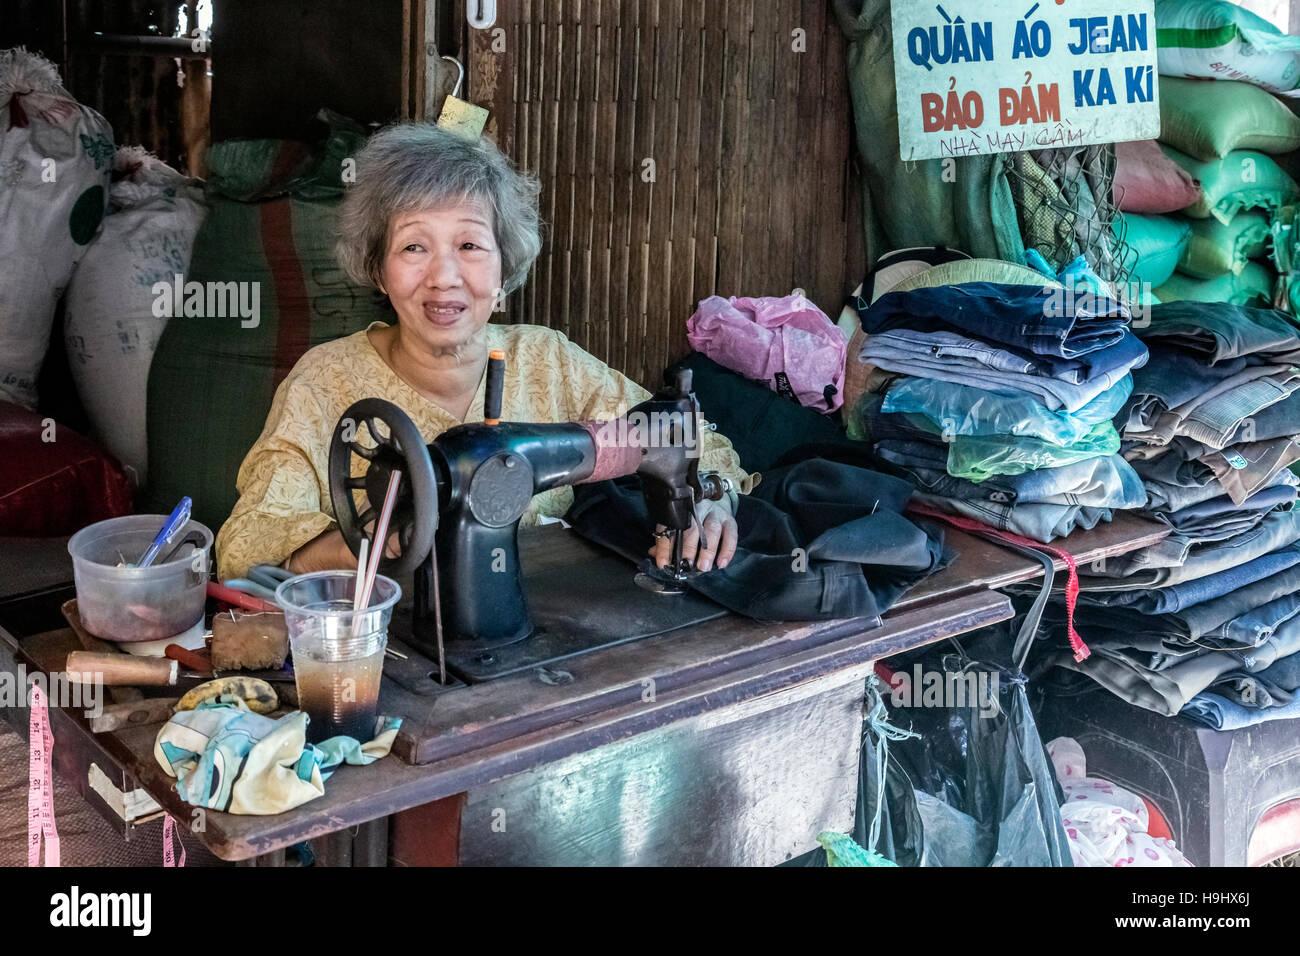 Schneiderin auf einem lokalen Markt in Vinh Long, Mekong Delta, Vietnam, Asien Stockfoto